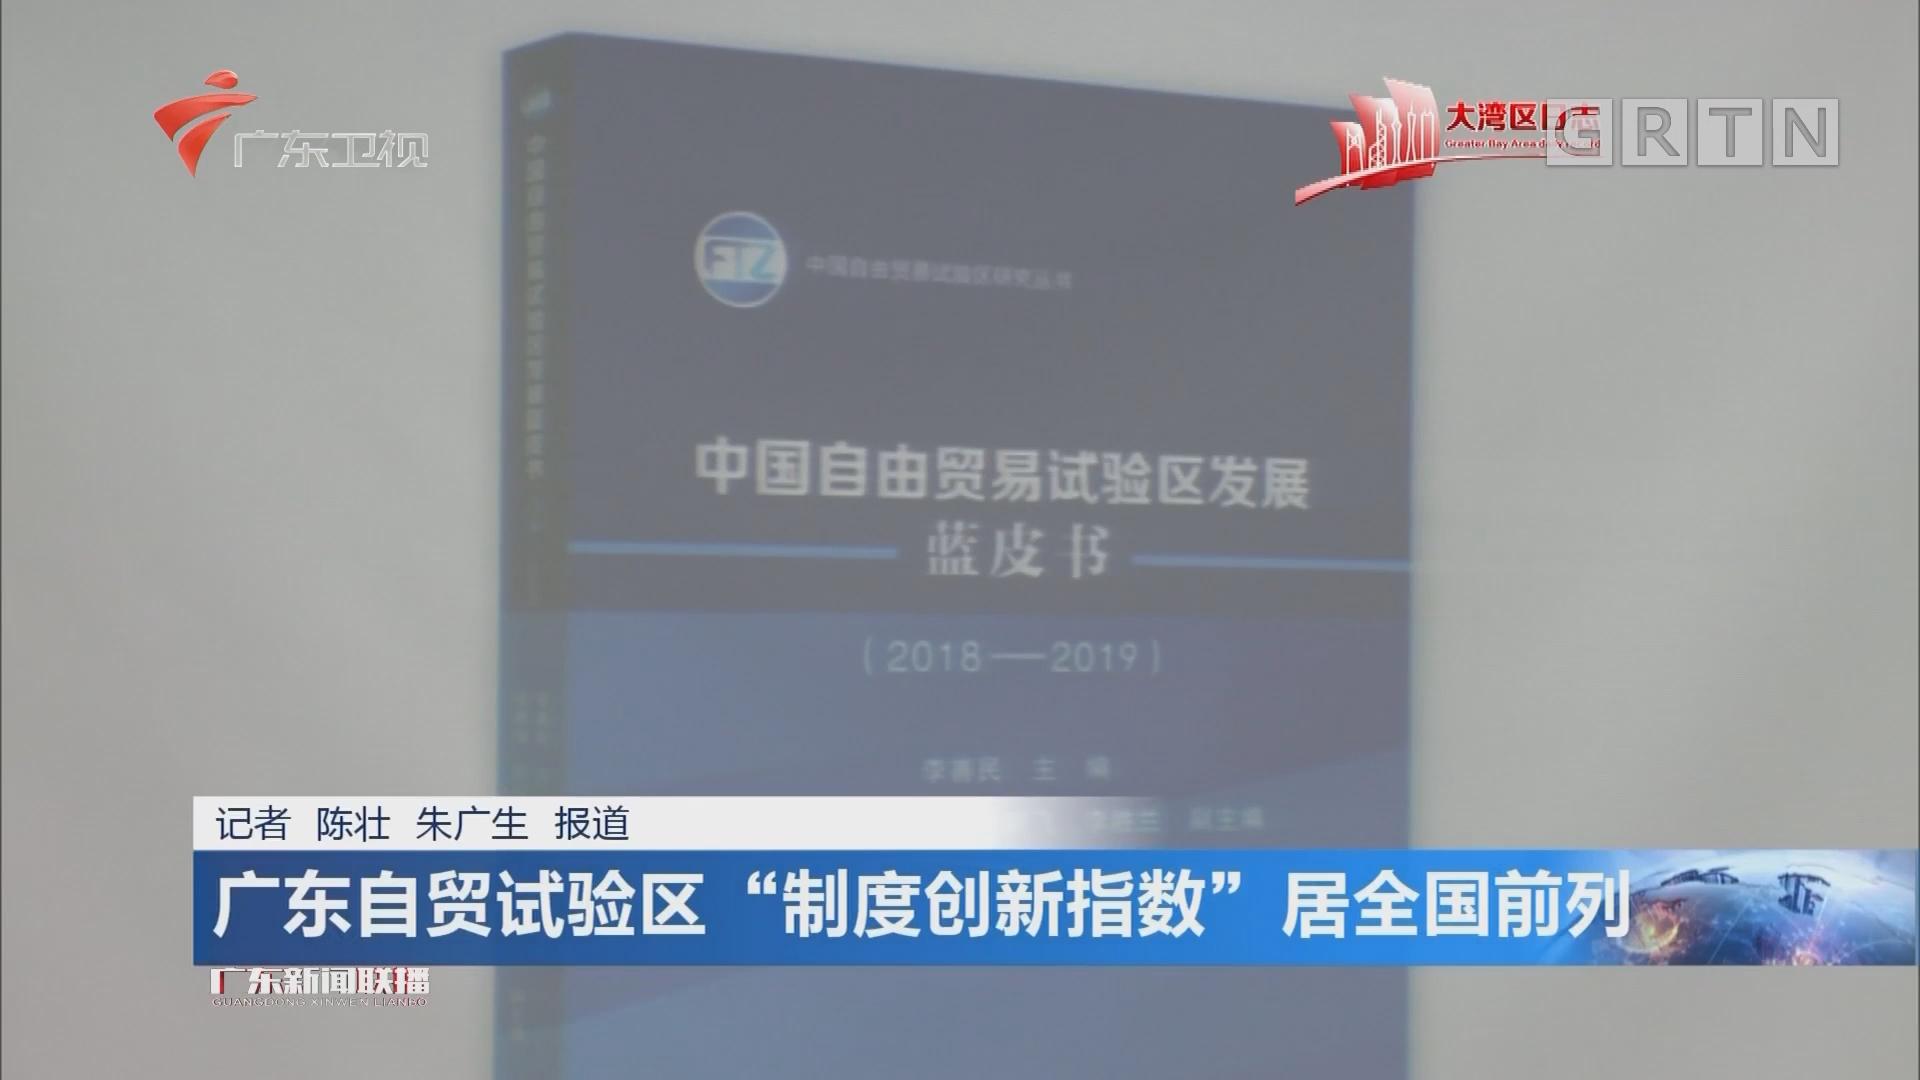 """广东自贸试验区""""制度创新指数""""居全国前列"""